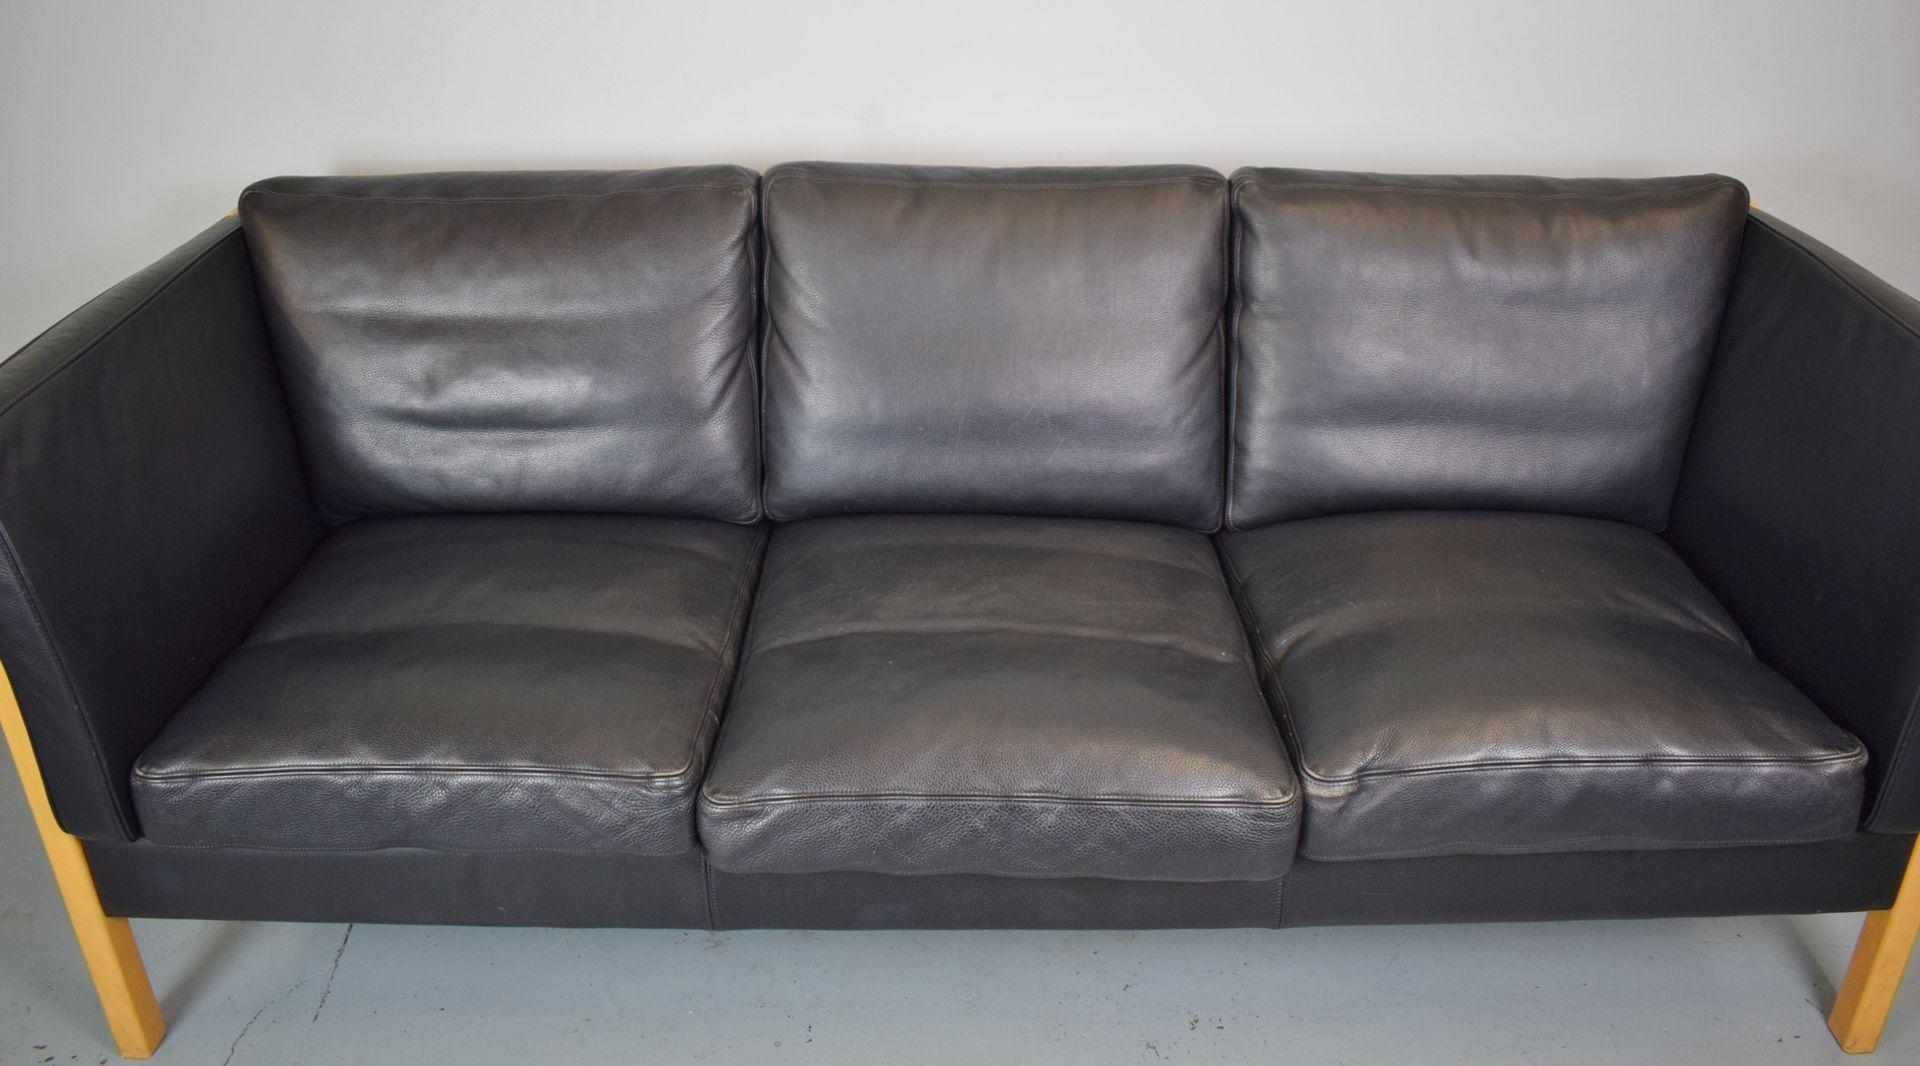 3 sitzer sofa von stouby 1970er bei pamono kaufen. Black Bedroom Furniture Sets. Home Design Ideas